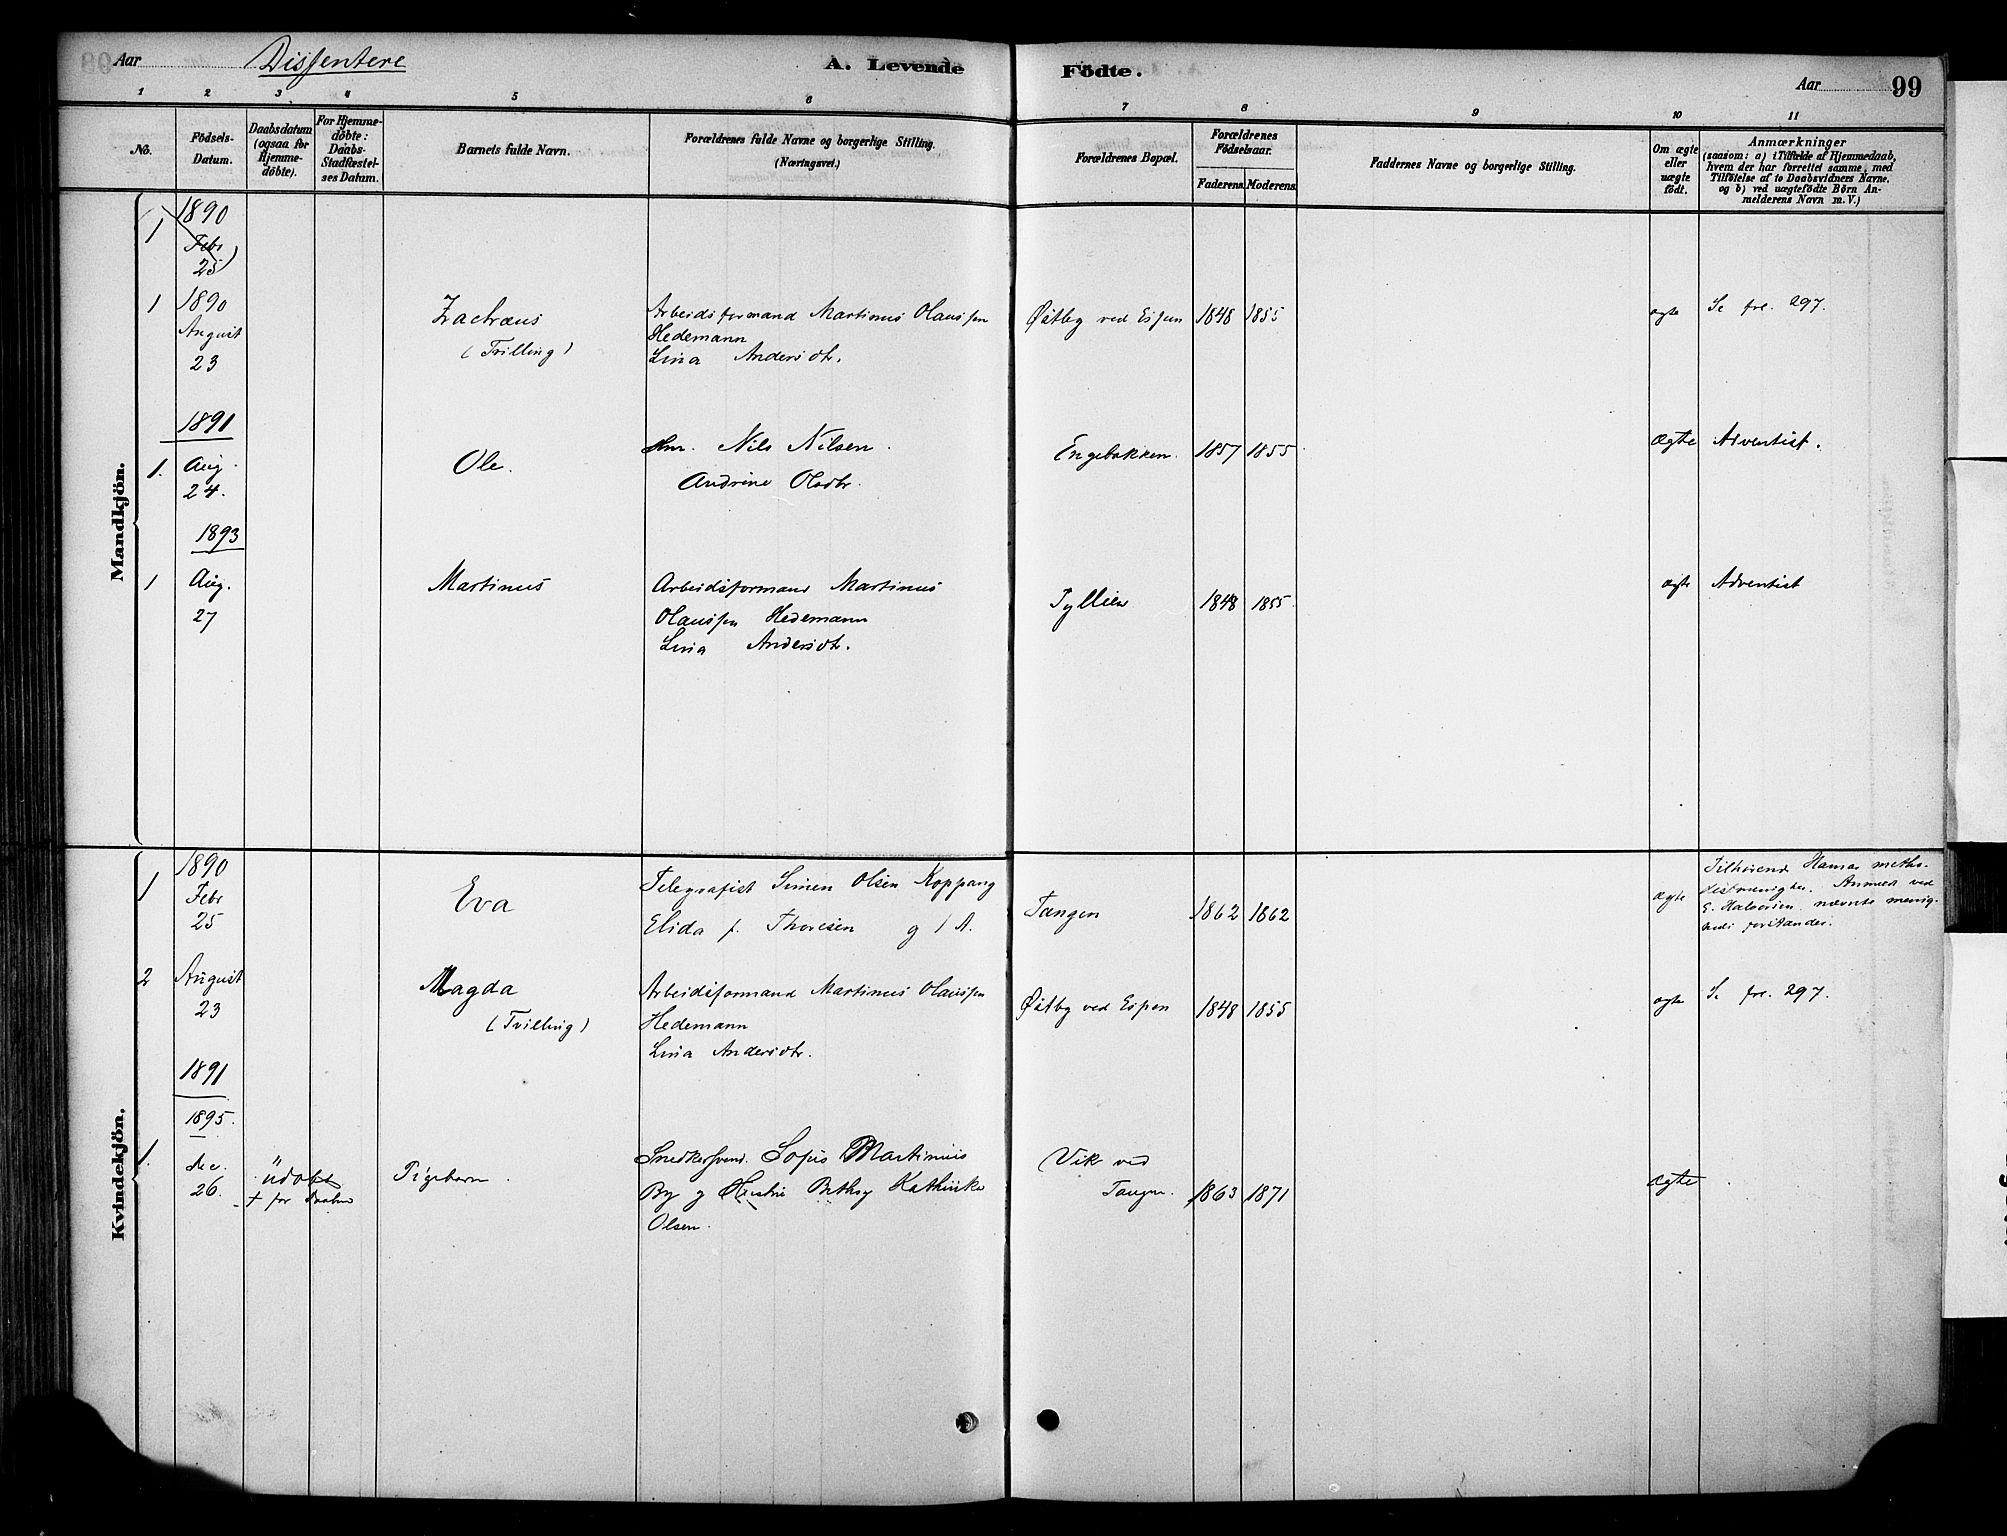 SAH, Stange prestekontor, K/L0018: Parish register (official) no. 18, 1880-1896, p. 99